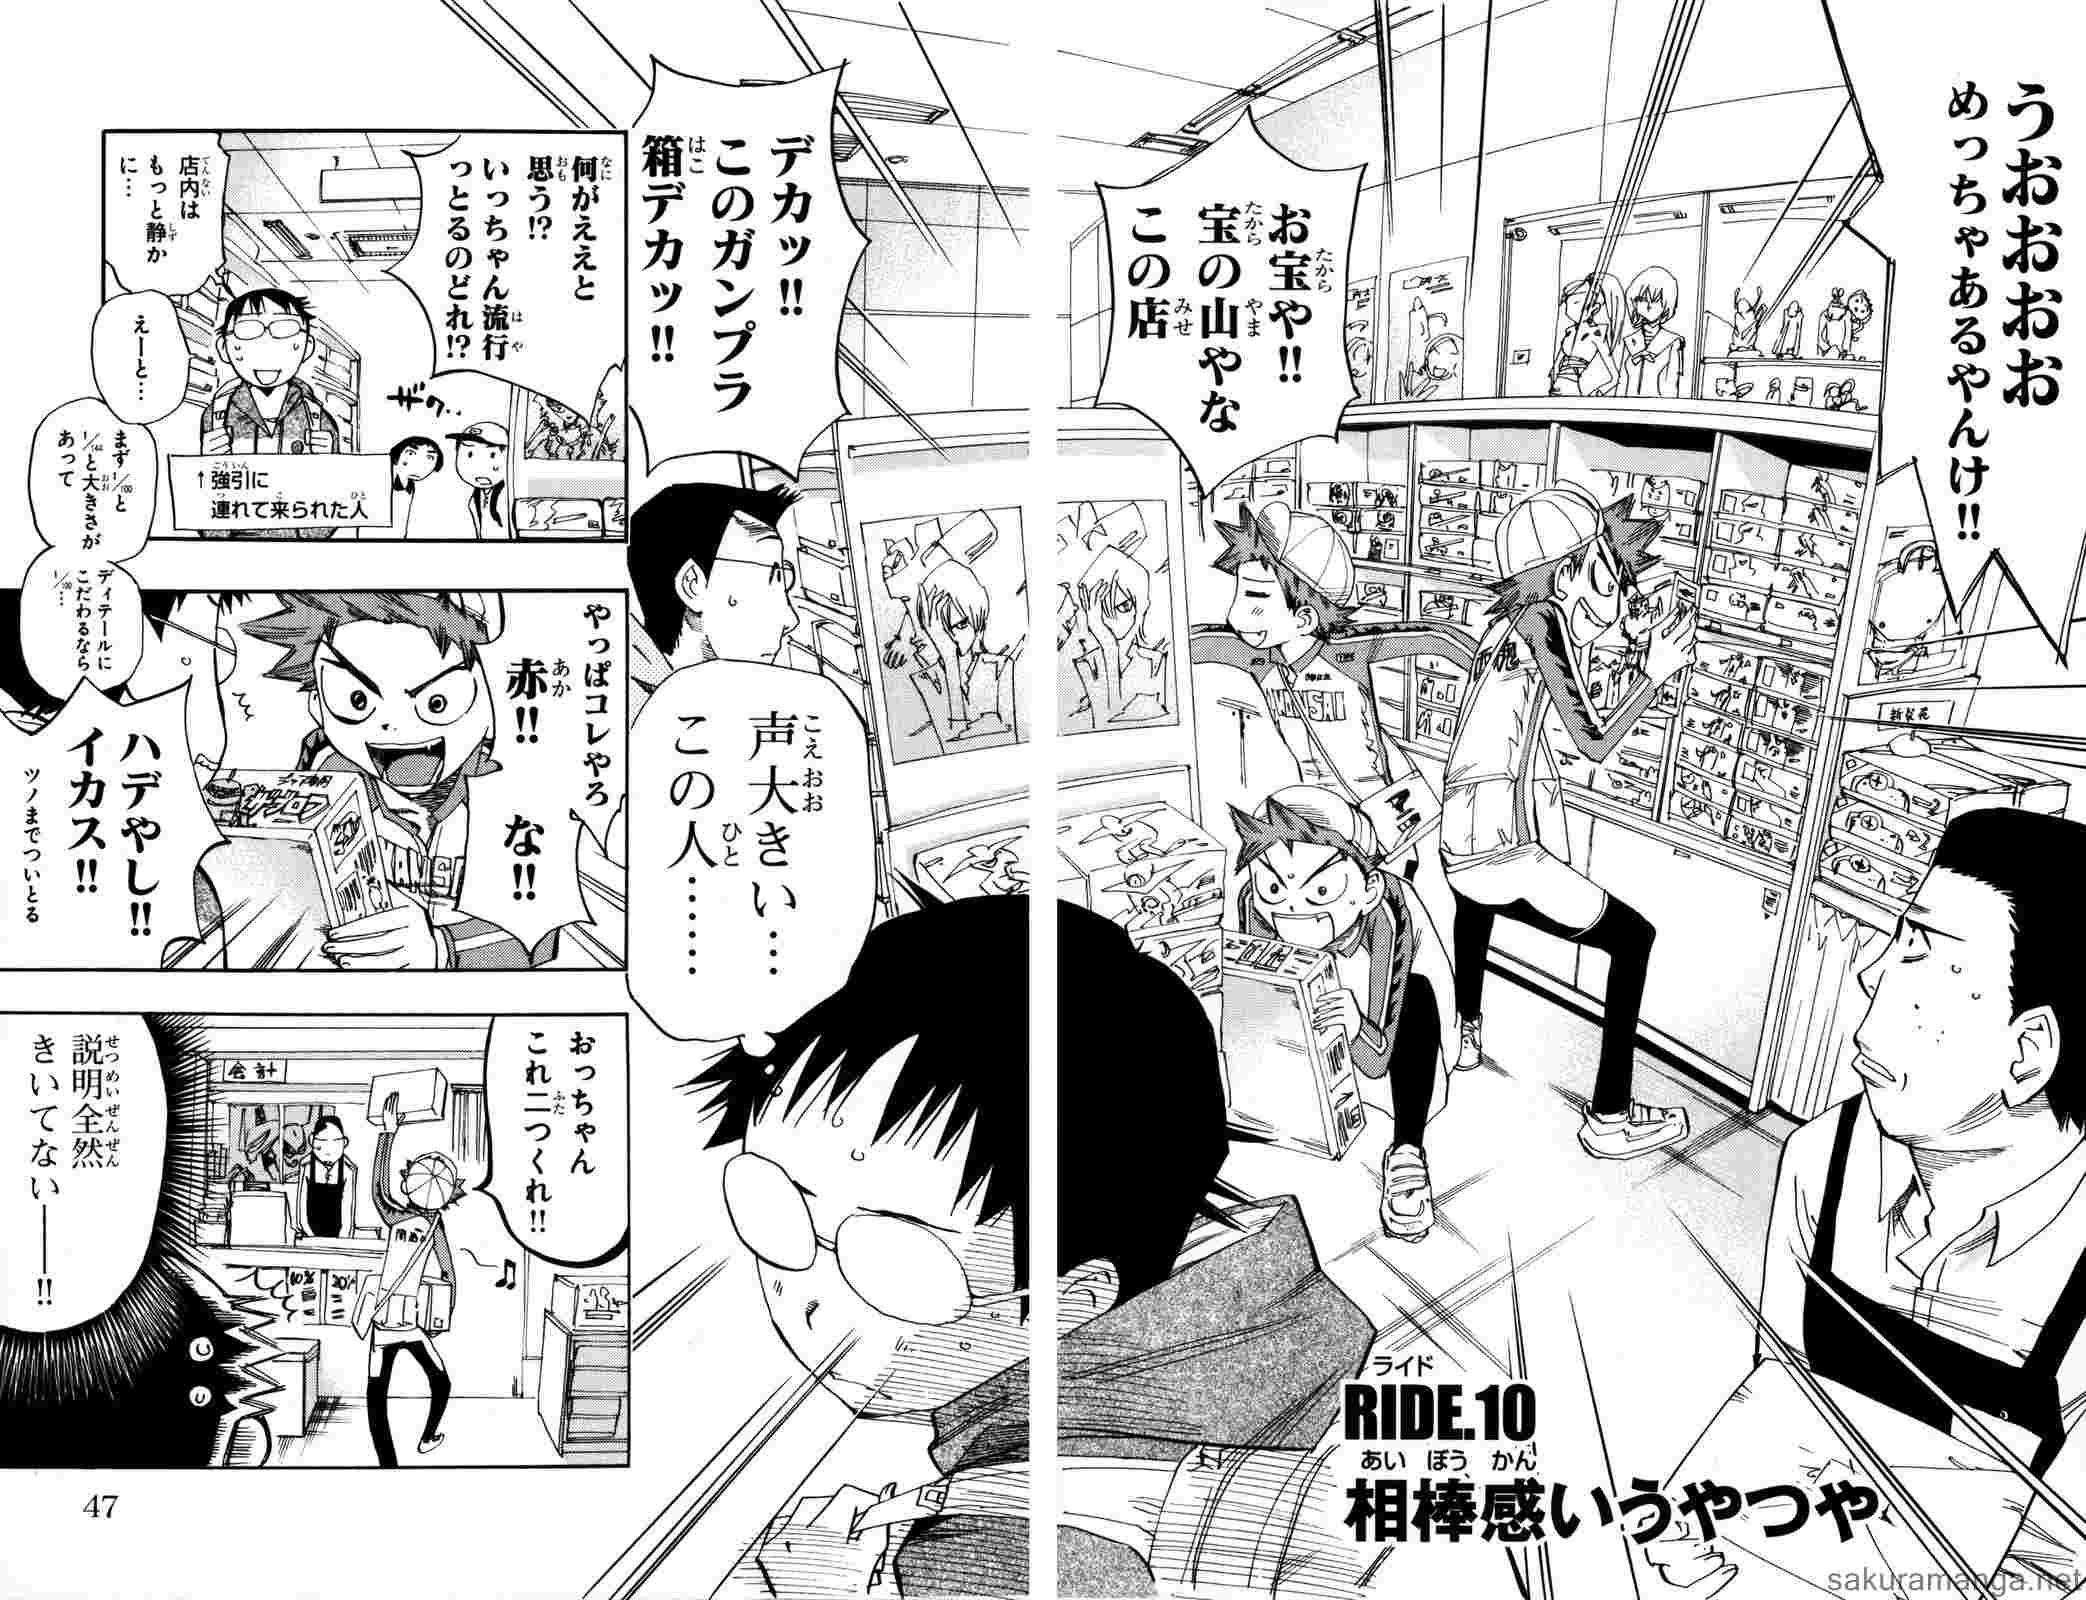 Yowamushi Pedal 弱虫ペダル